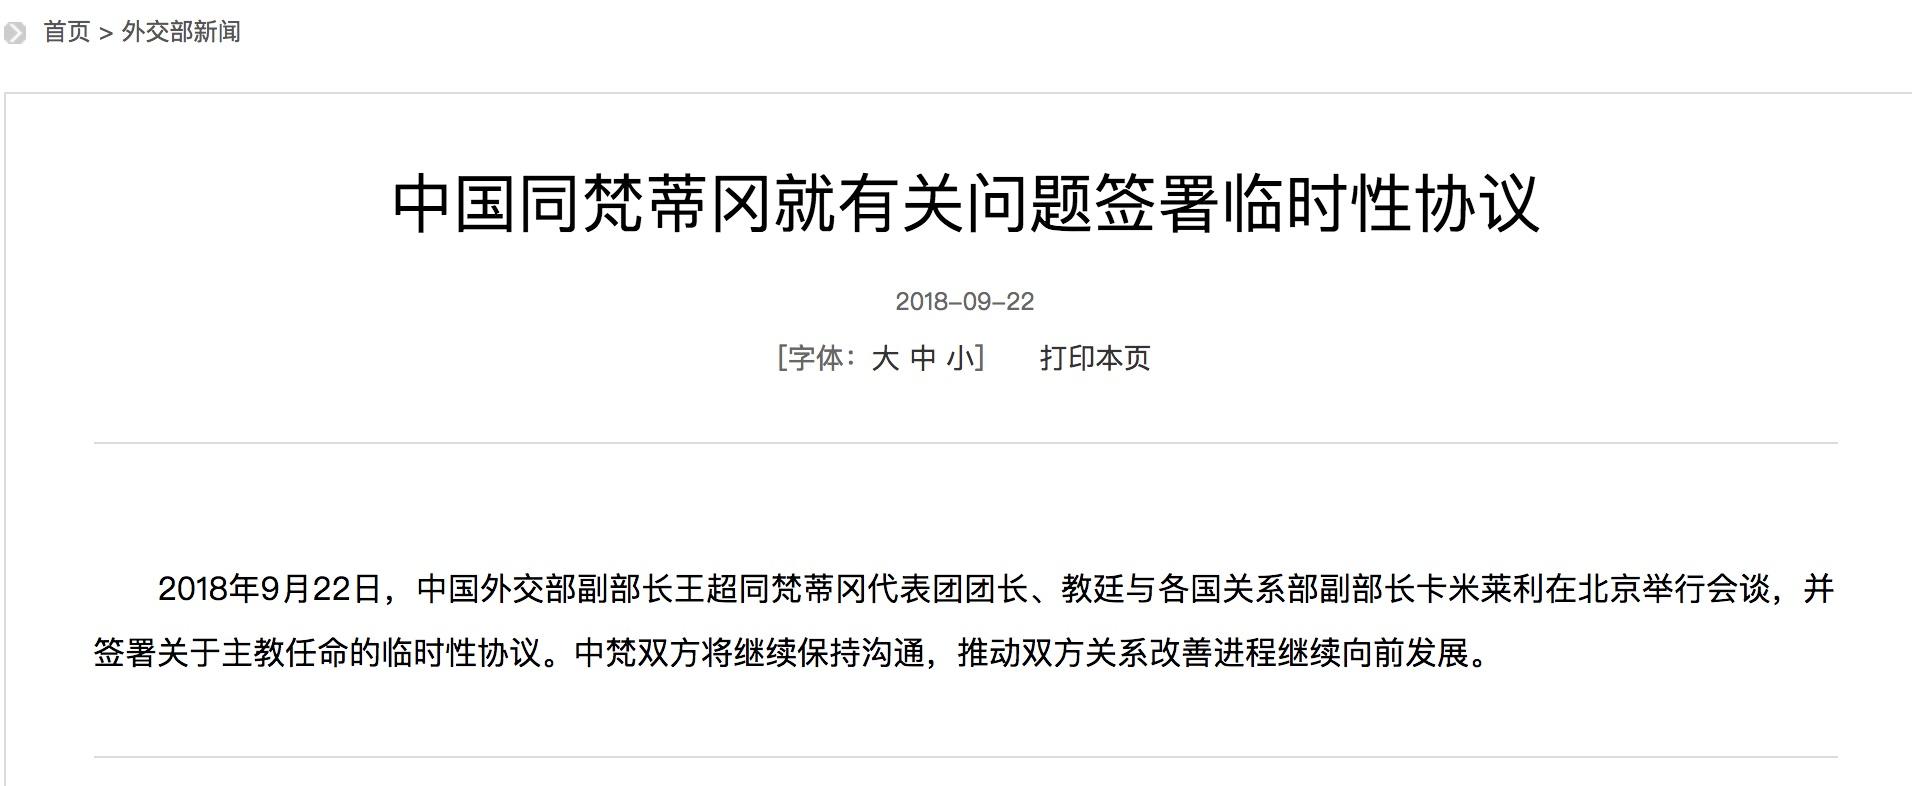 【外交部】中国同梵蒂冈就有关问题签署临时性协议